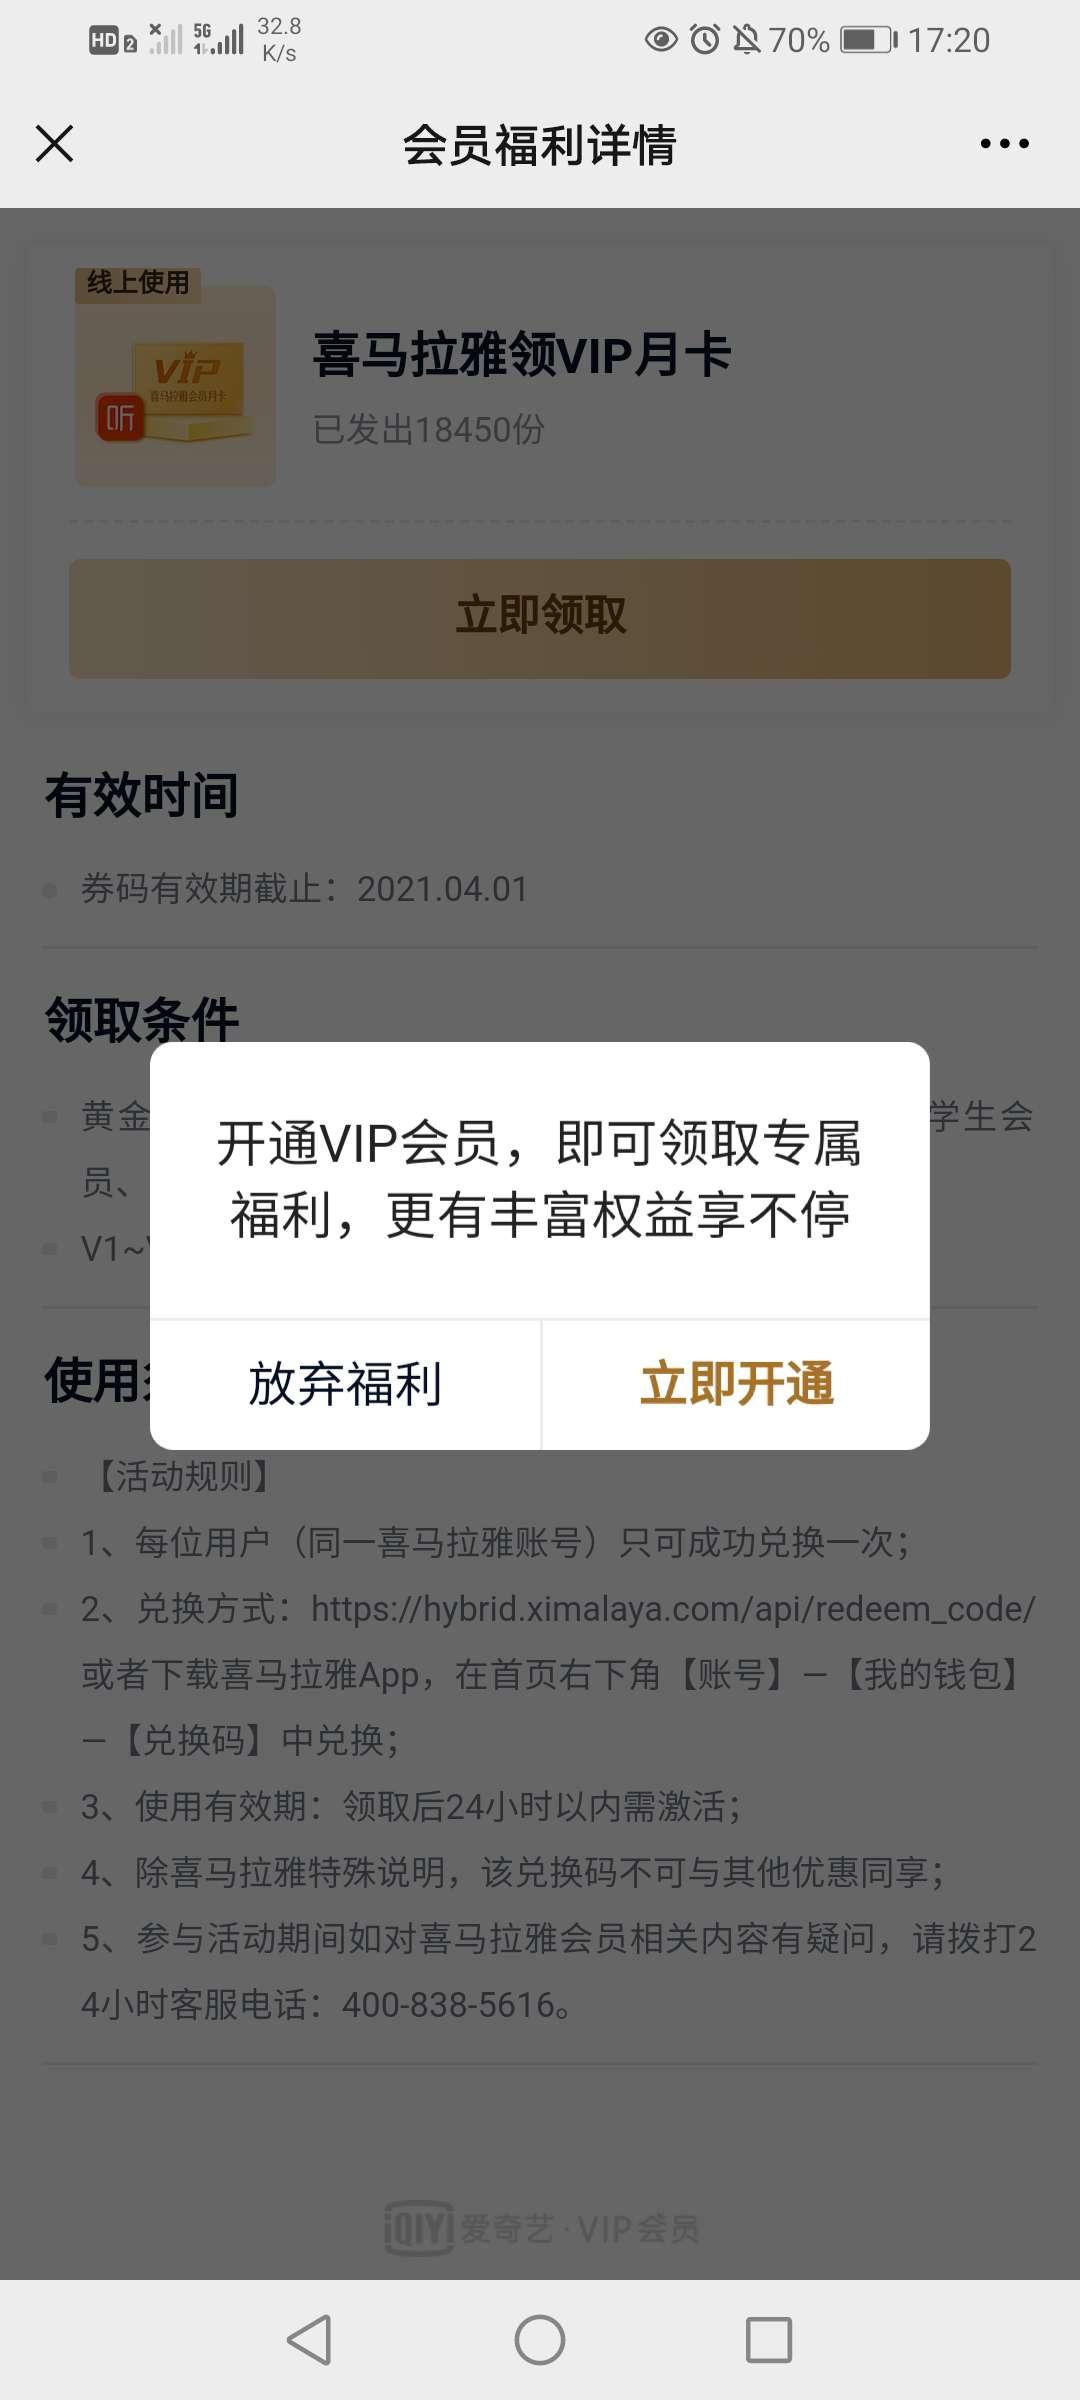 爱奇艺VIP兑换喜马拉雅VIP月卡